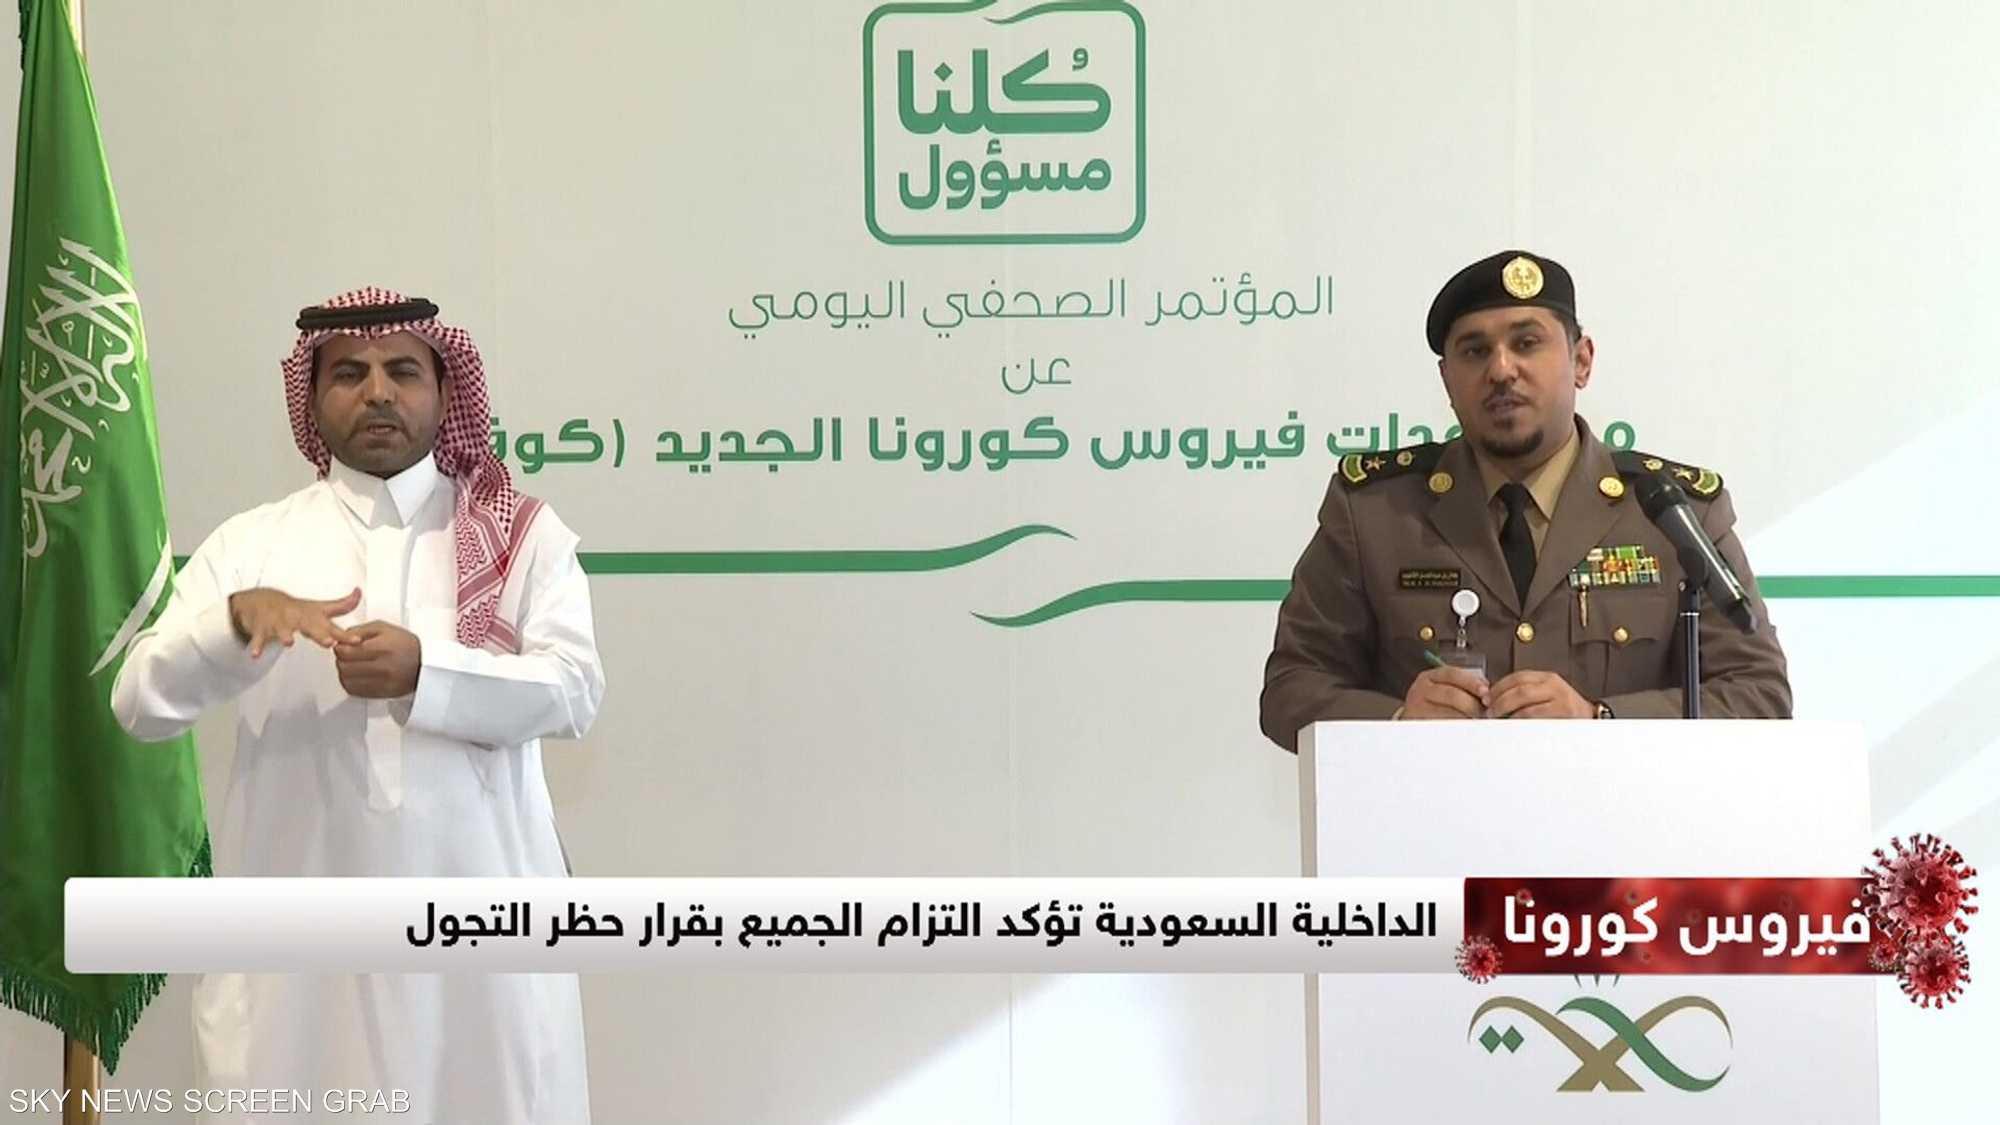 الداخلية السعودية تؤكد التزام الجميع بقرار حظر التجول